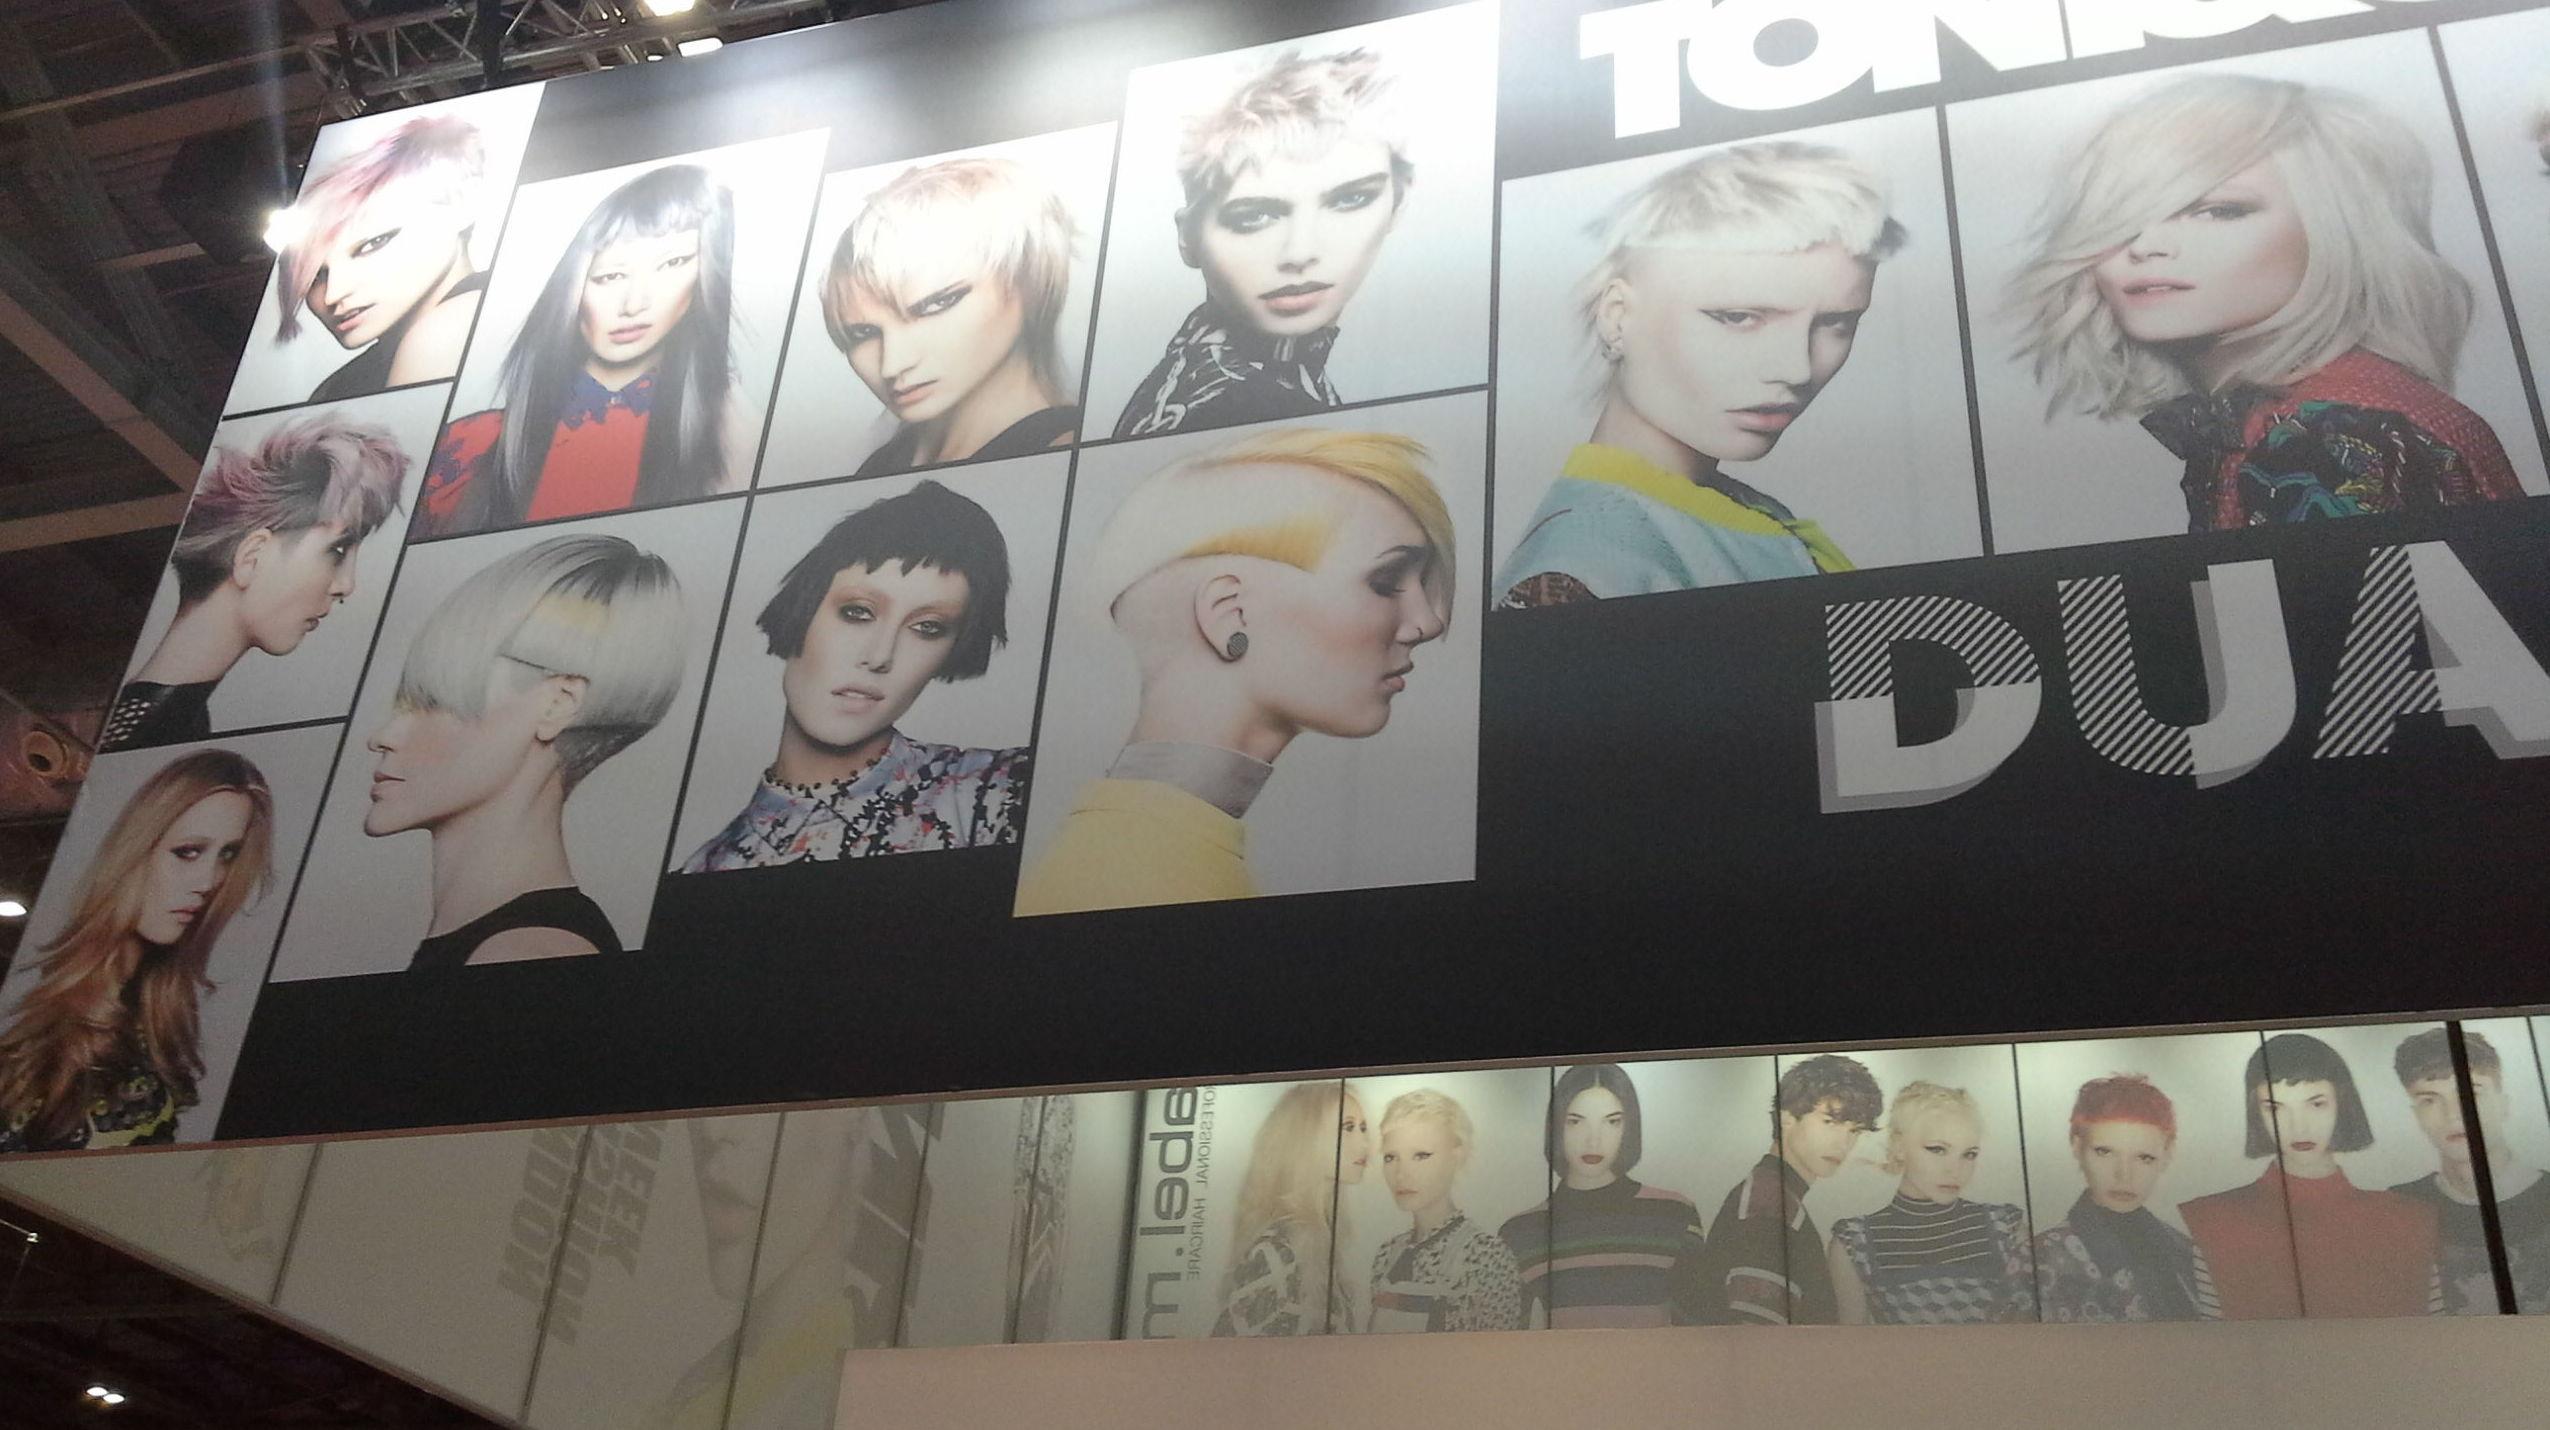 Mas de Duo peluqueros en el stand de Tony &Guy